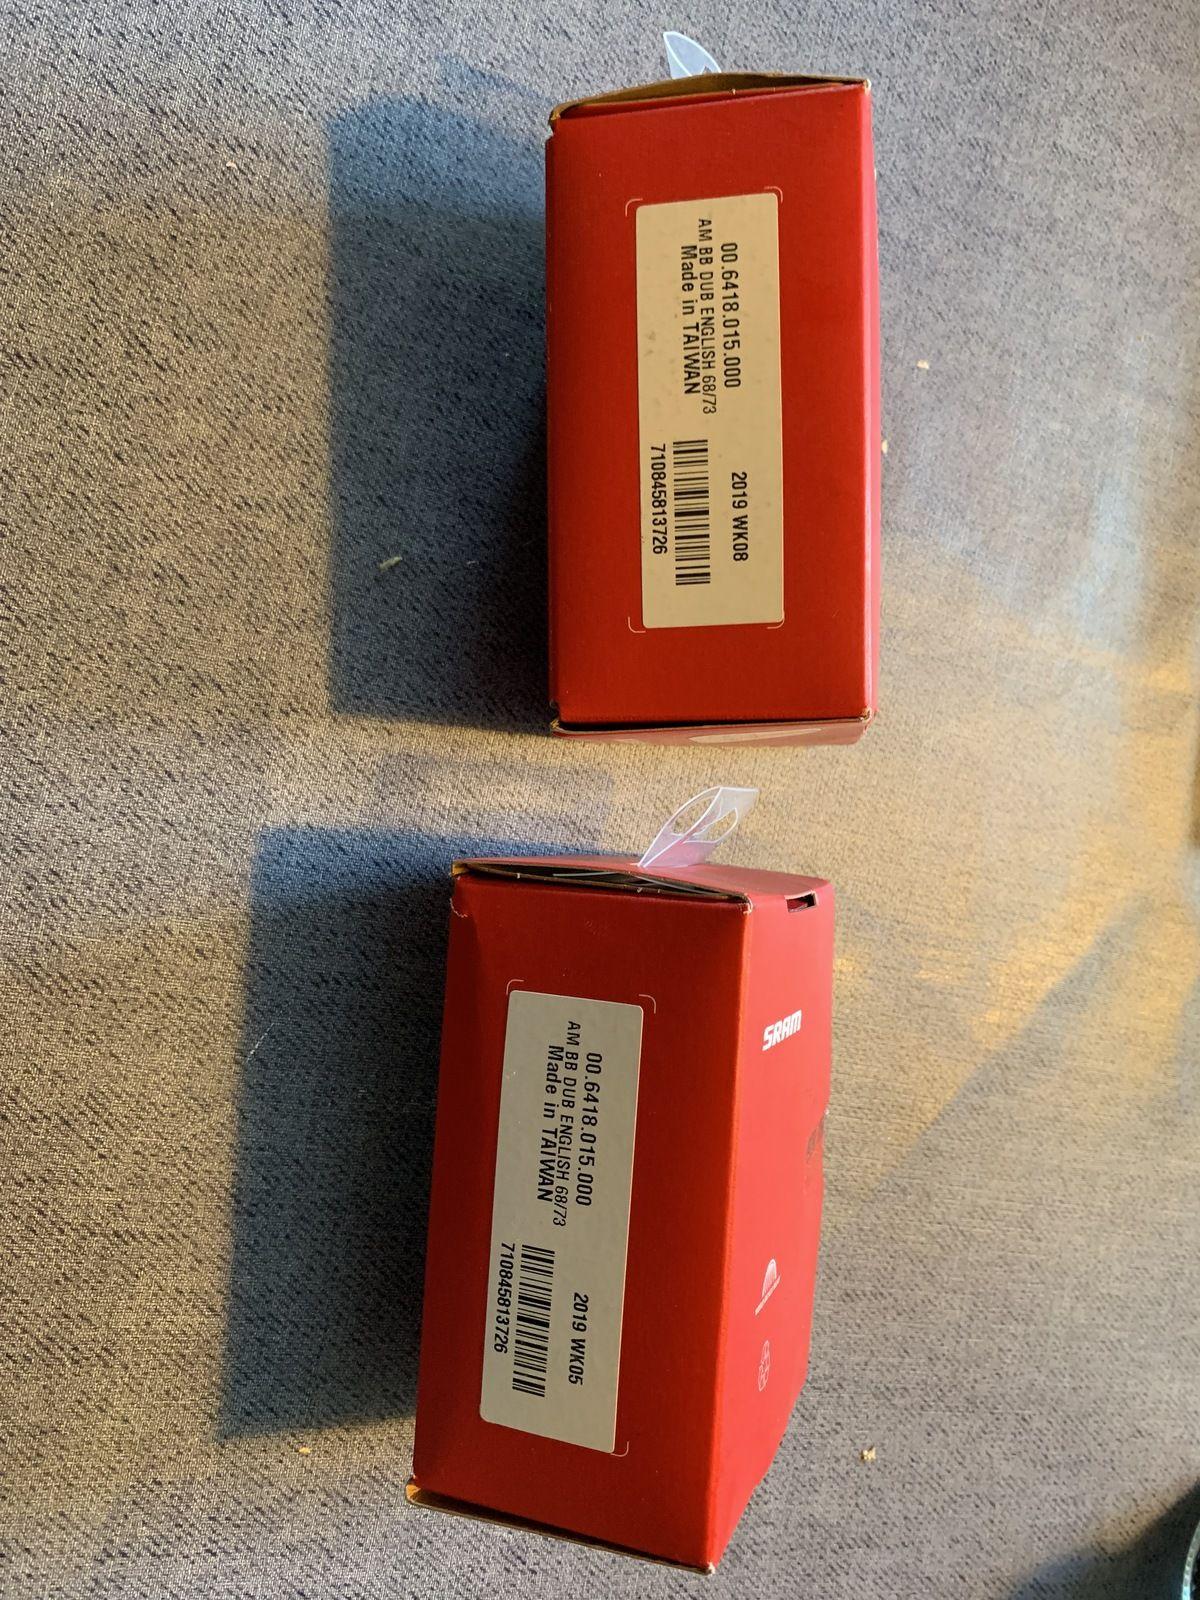 F9F72329-522E-4963-9C3C-0295995CB39C.jpeg